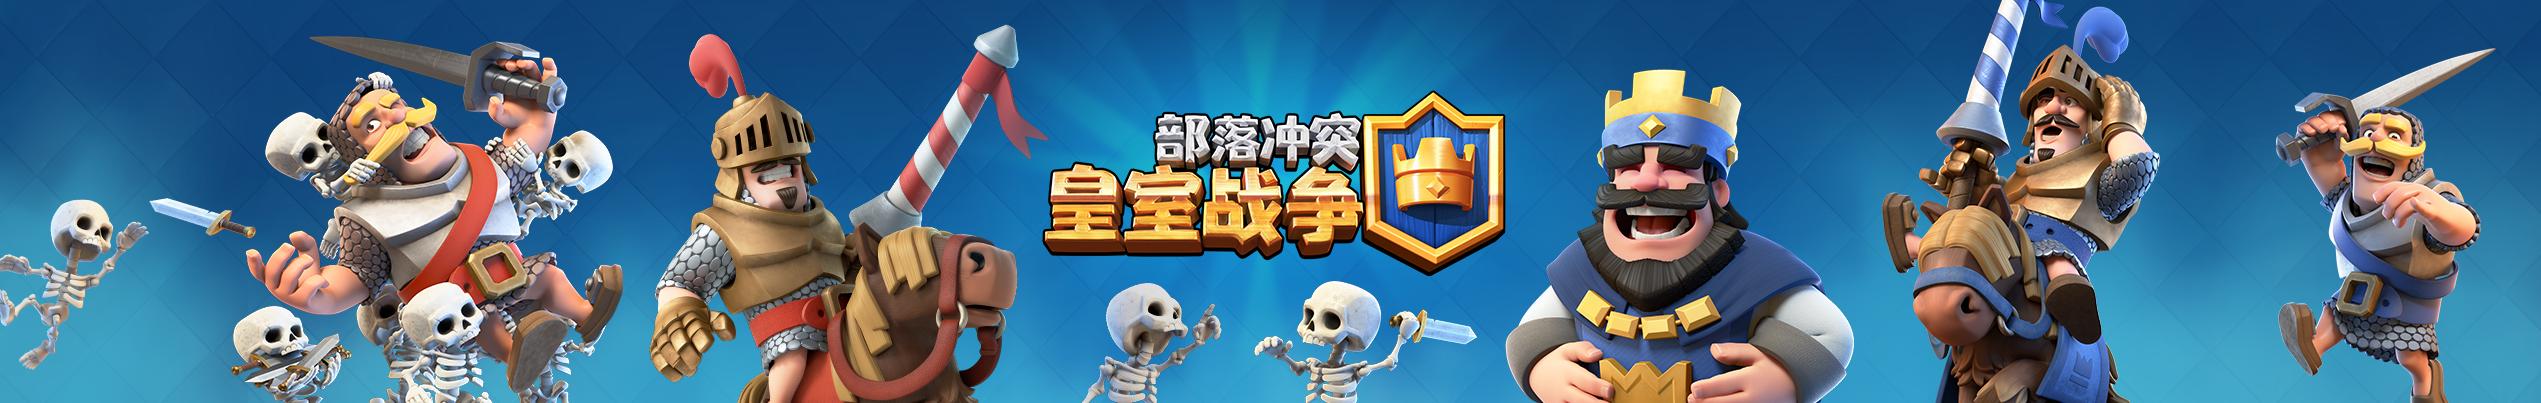 部落冲突:皇室战争 banner